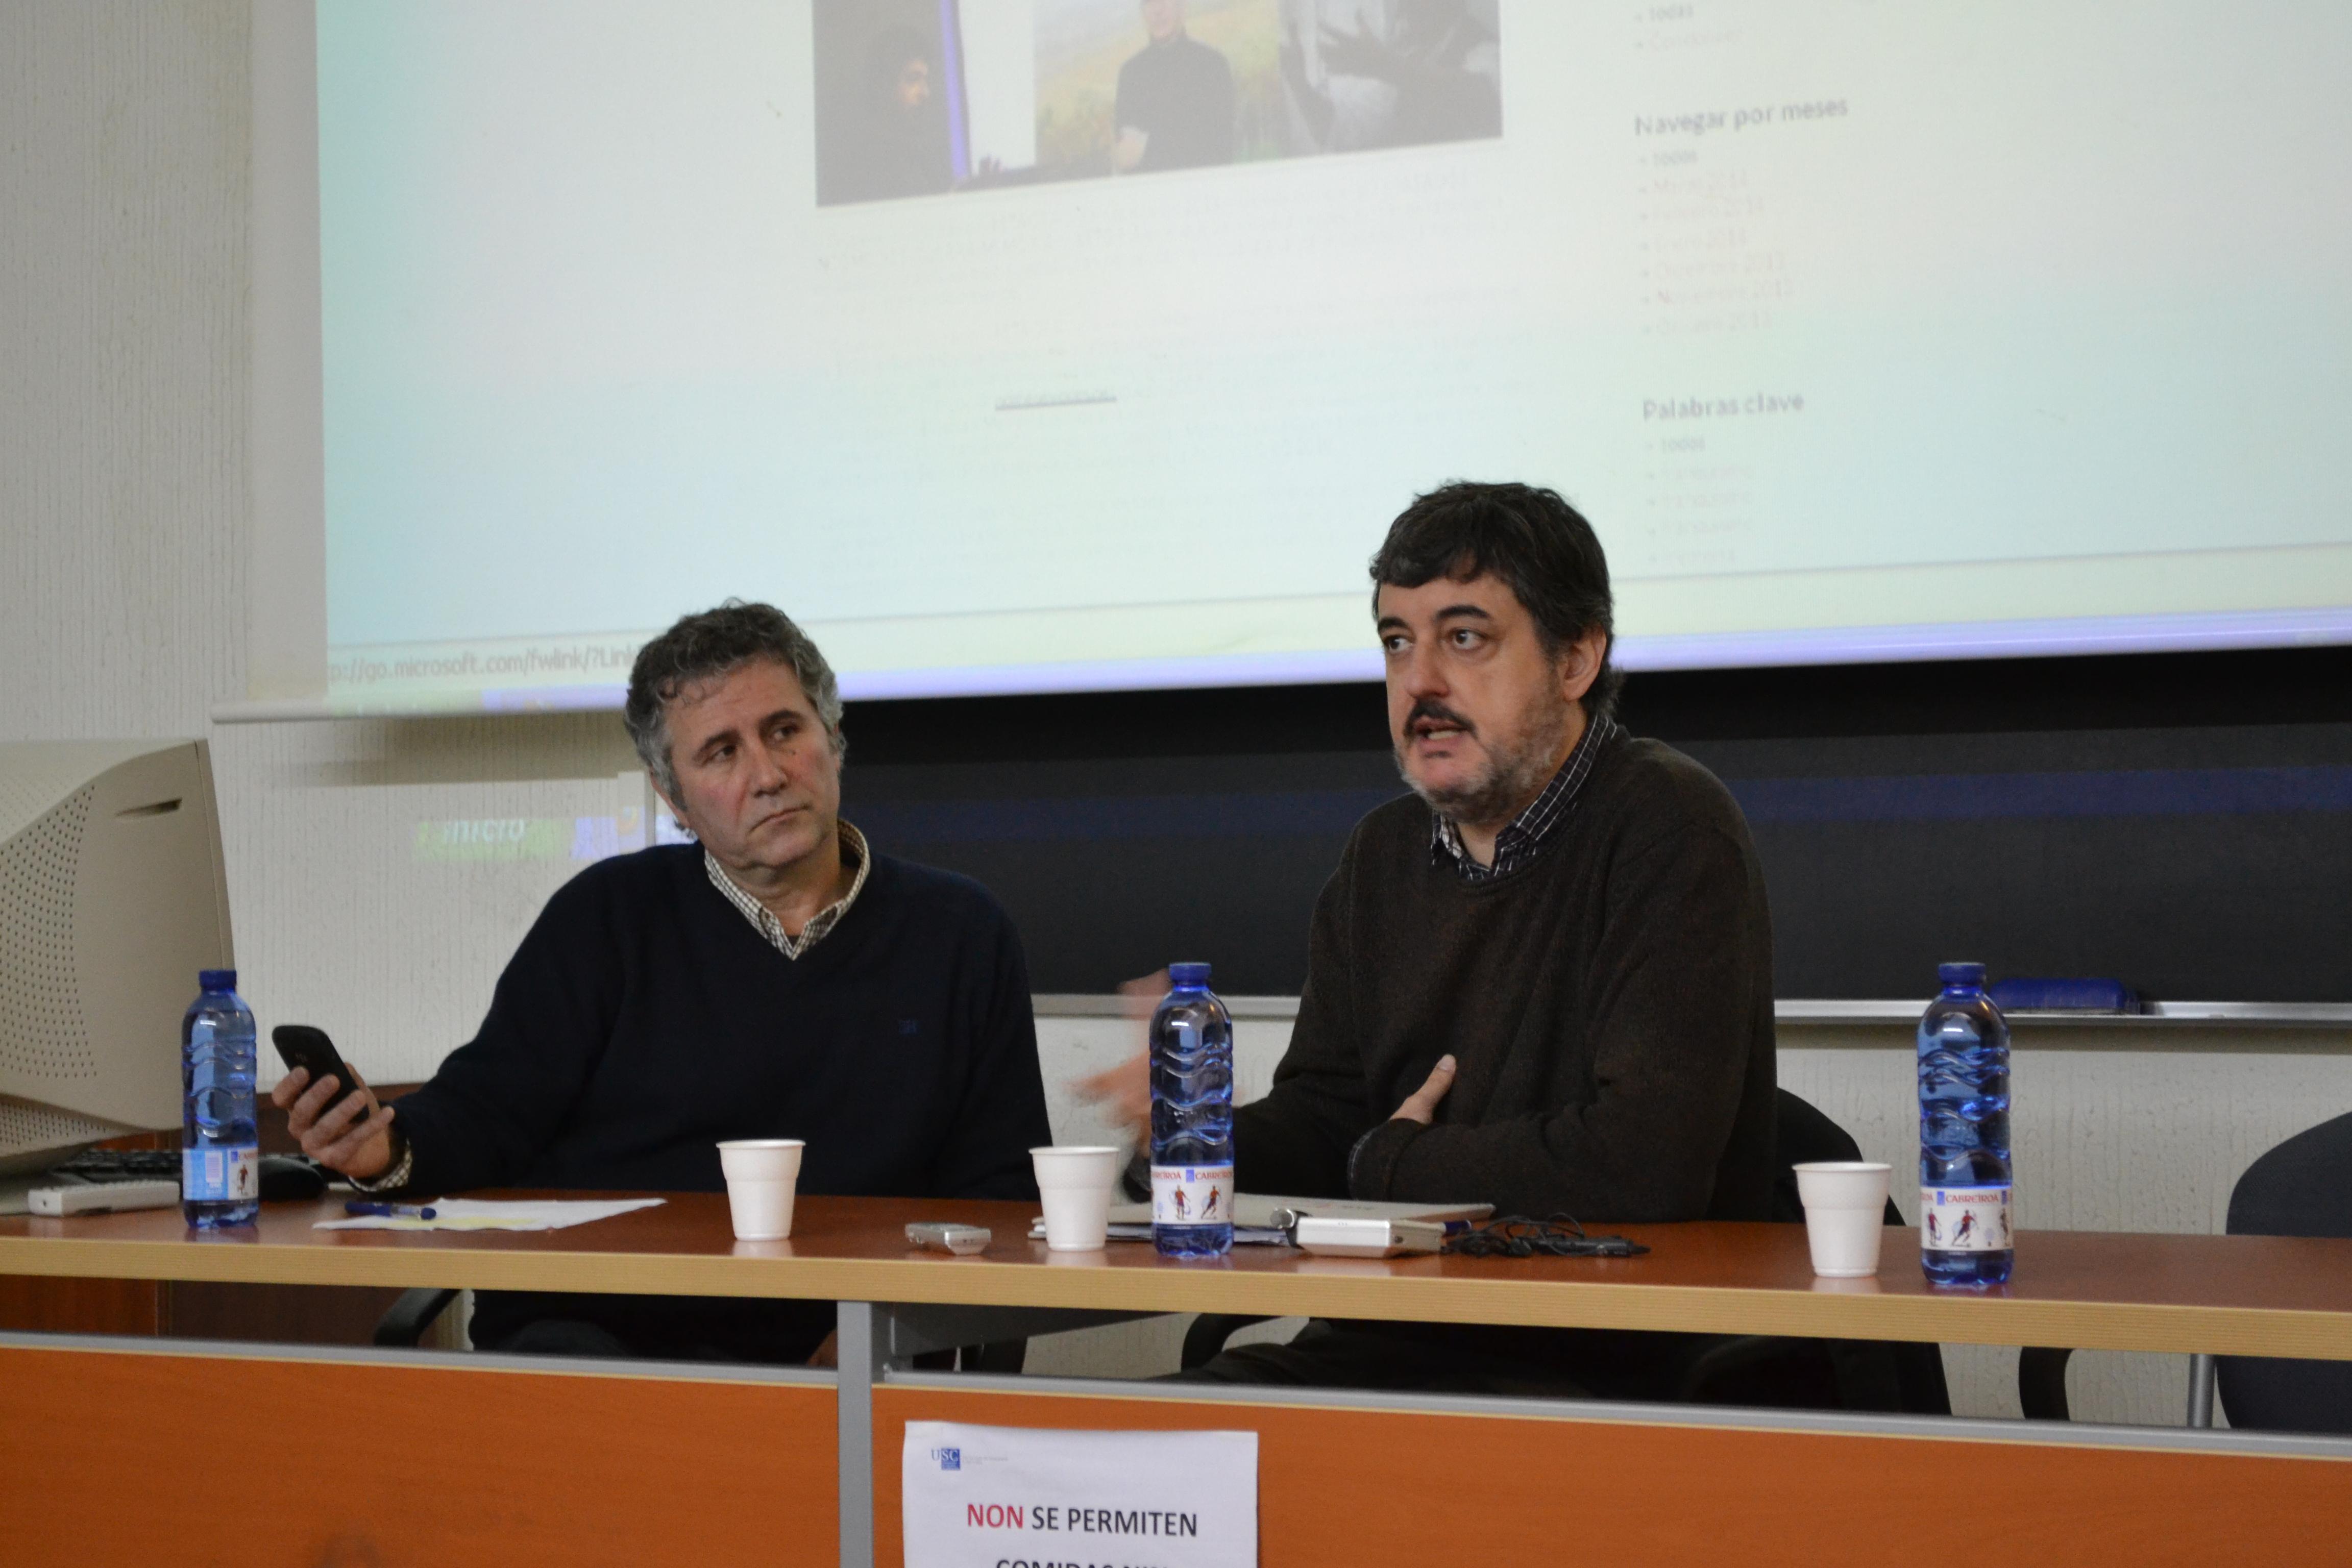 O catedrático Lourenzo Fernández e Miguel-Anxo Murado rememorando a historia de España | ©Andrea Oca